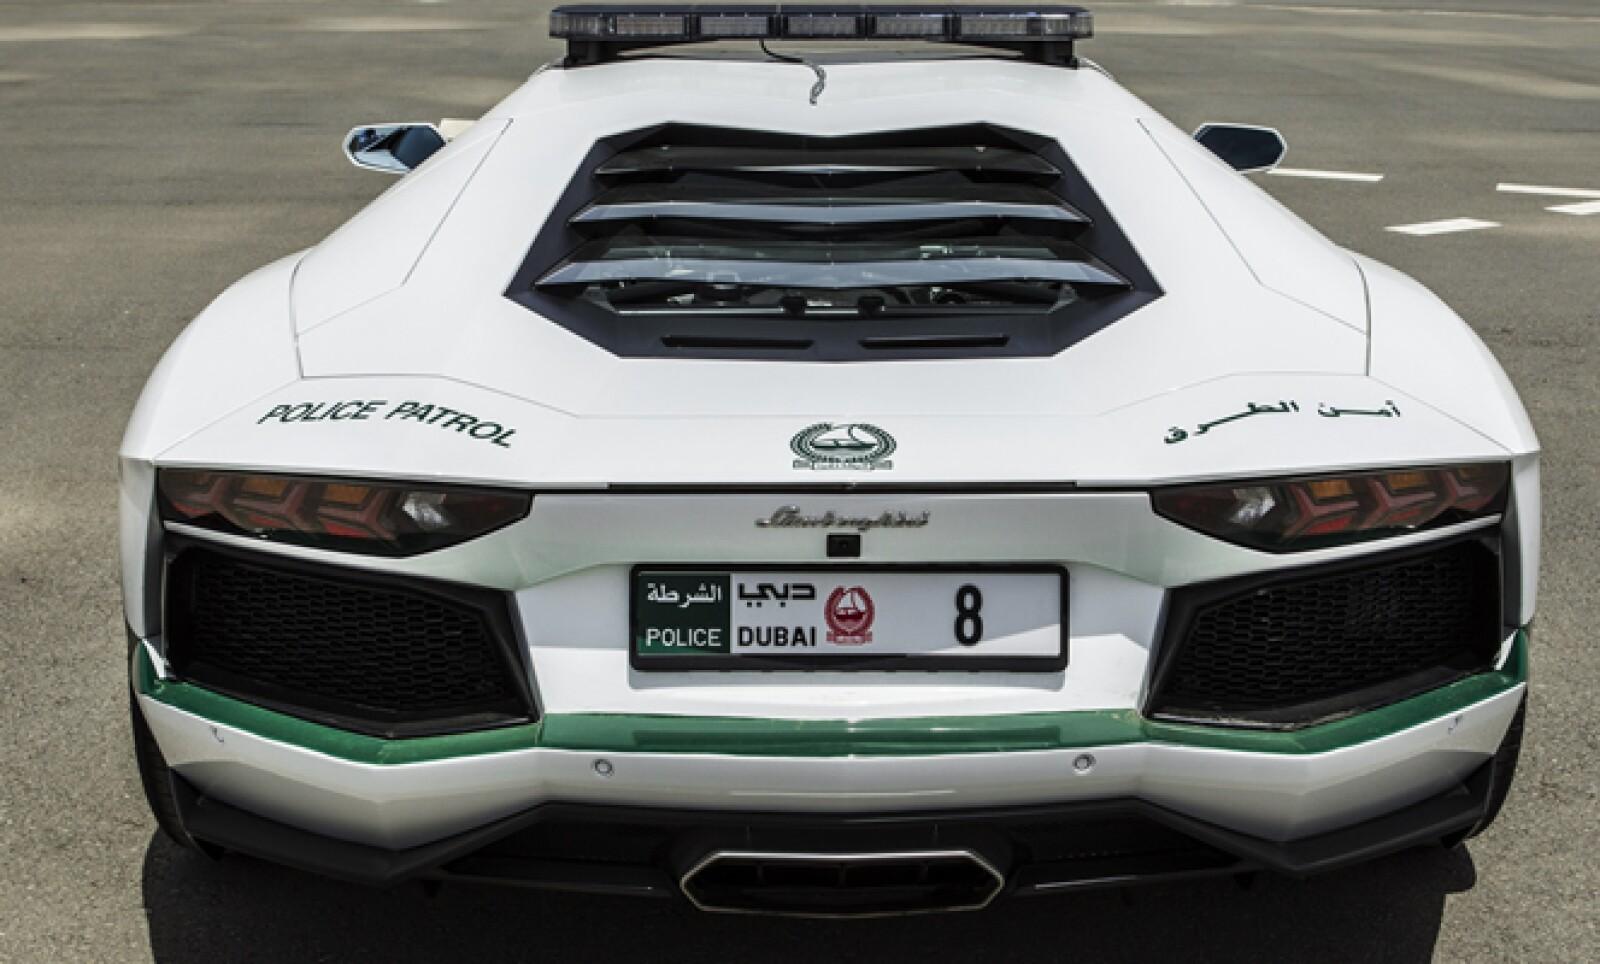 El modelo Aventador de Lamborghini  tiene un costo aproximado de 550,000 dólares.